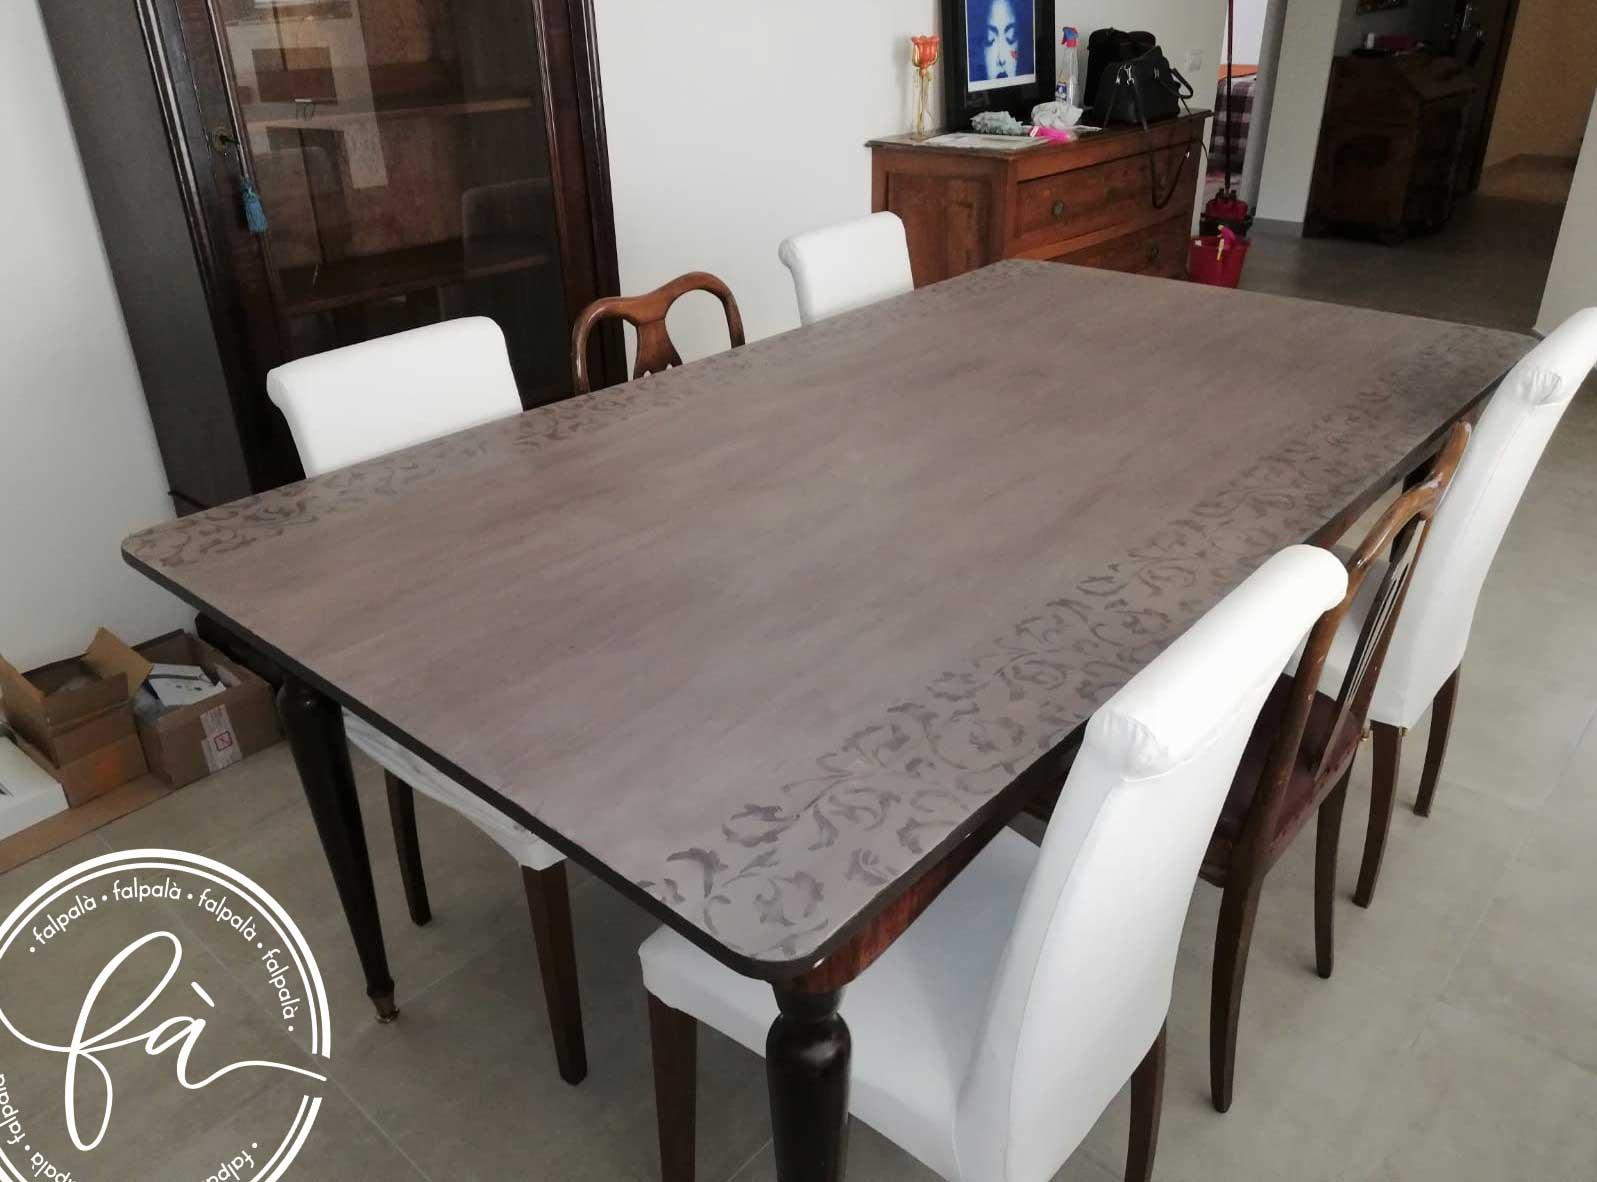 Tavolo Design Legno Naturale.Falpala Design Cere Naturali Falpala Design